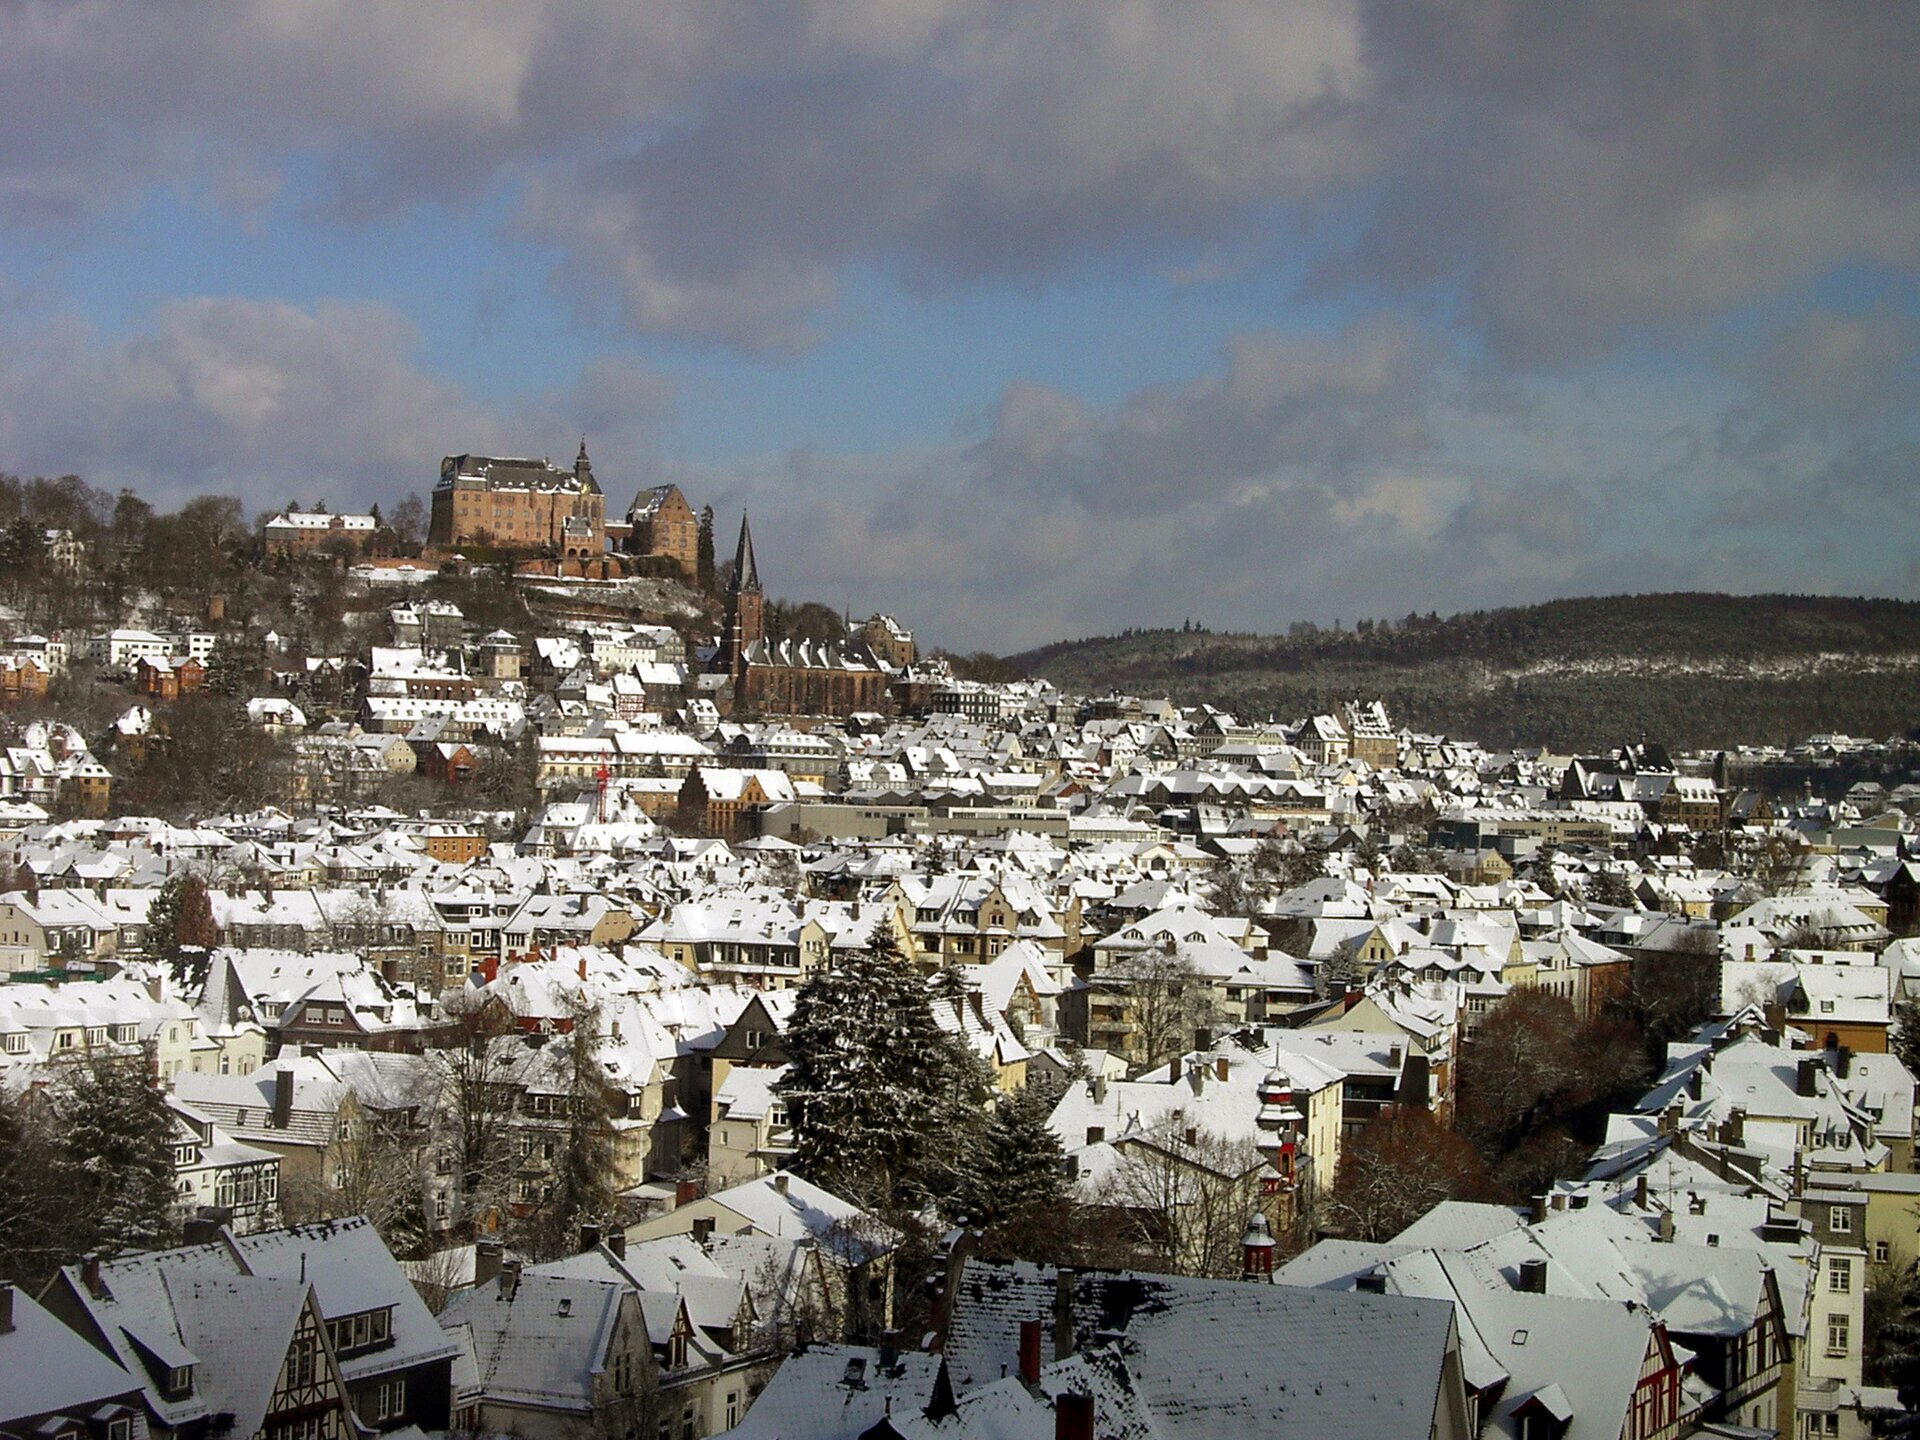 Marburg – widok miasta zzamkiem iuniwersytetem Źródło: Macador, Marburg – widok miasta zzamkiem iuniwersytetem, 2004, fotografia, licencja: CC BY-SA 3.0.